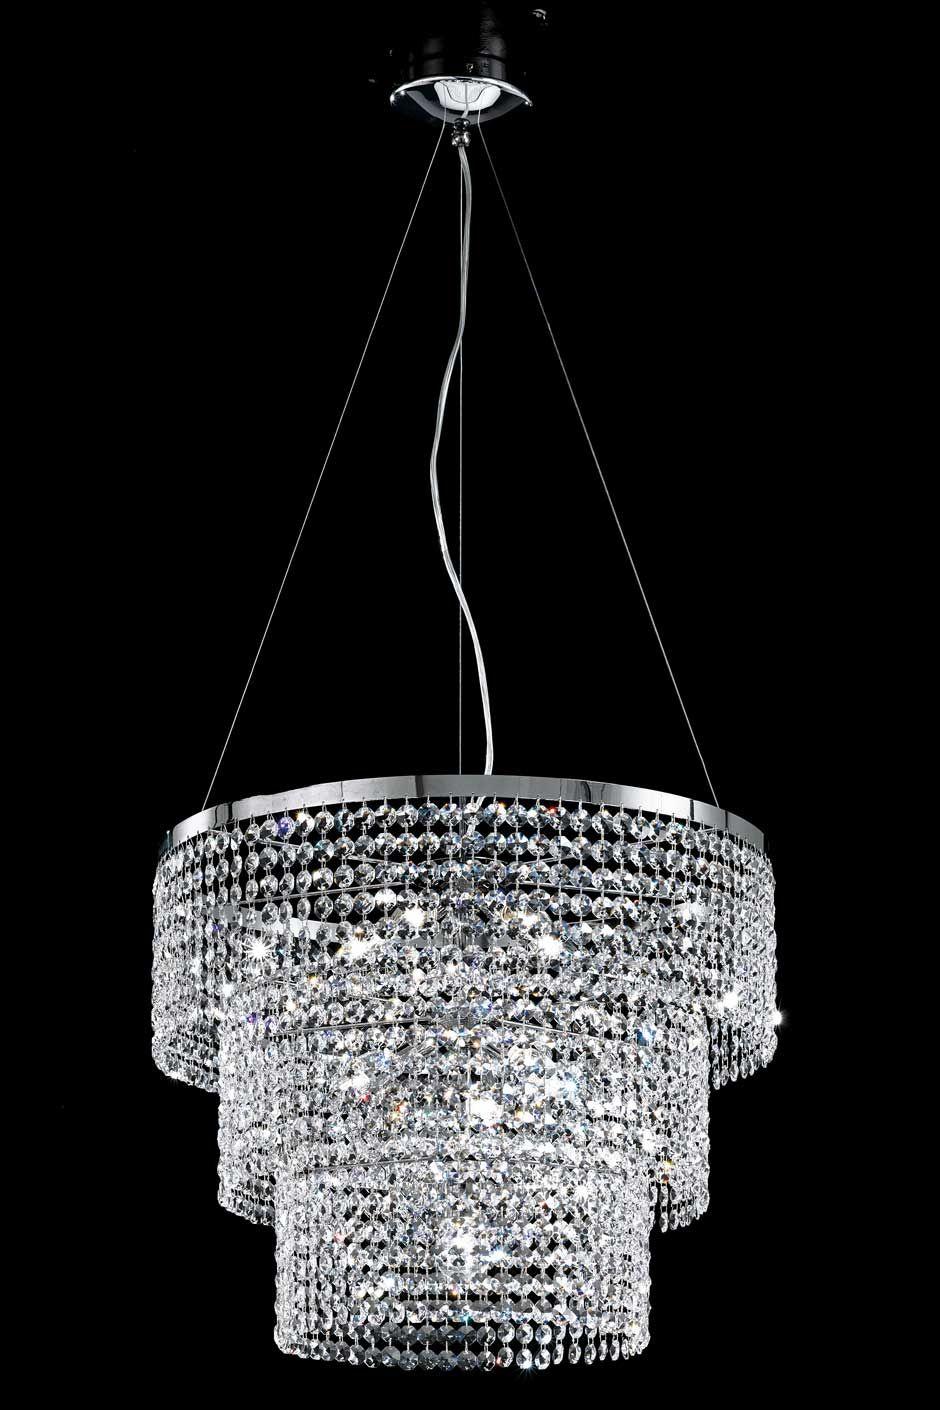 Lustre cristal contemporain recherche google d coration hogar for Mobilier contemporain luxe